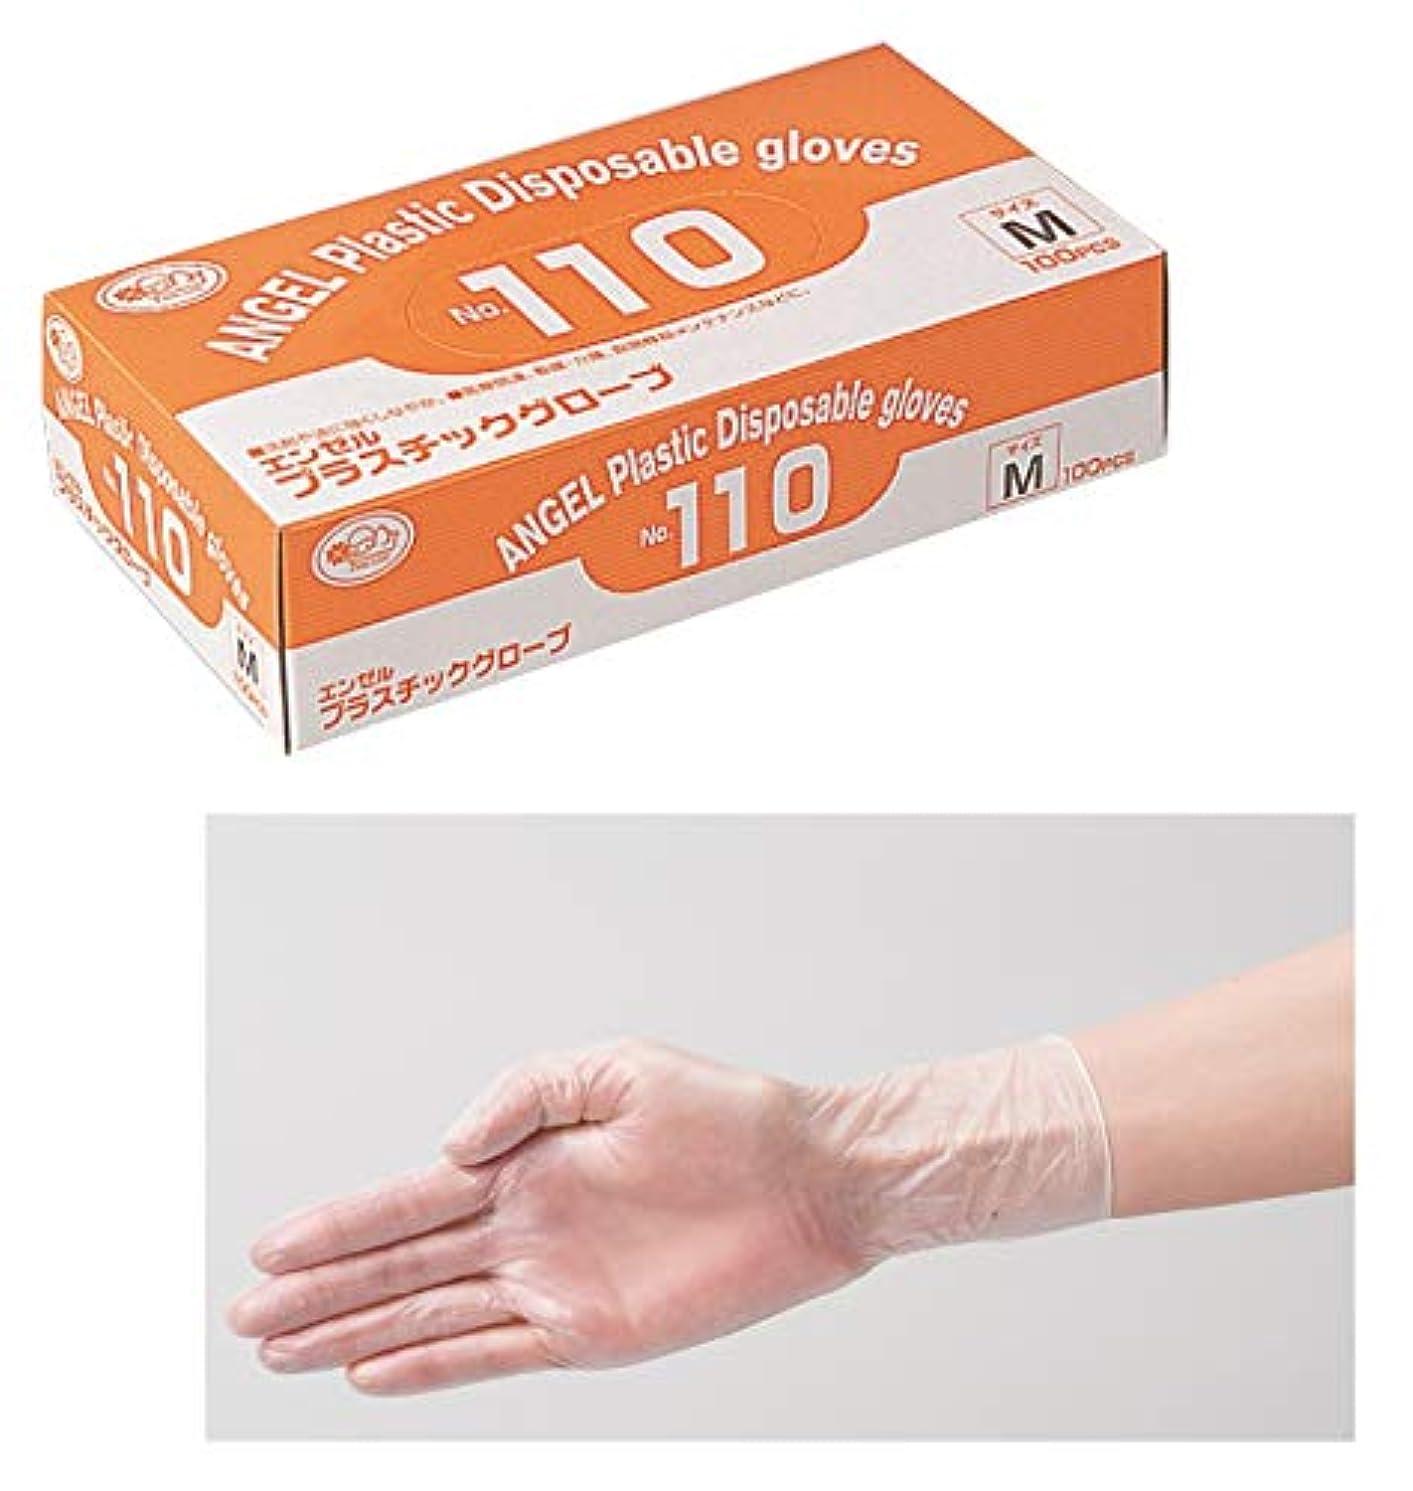 軽く凝縮する確認してくださいサンフラワー No.110 プラスチックグローブ 粉付 100枚入り (L)